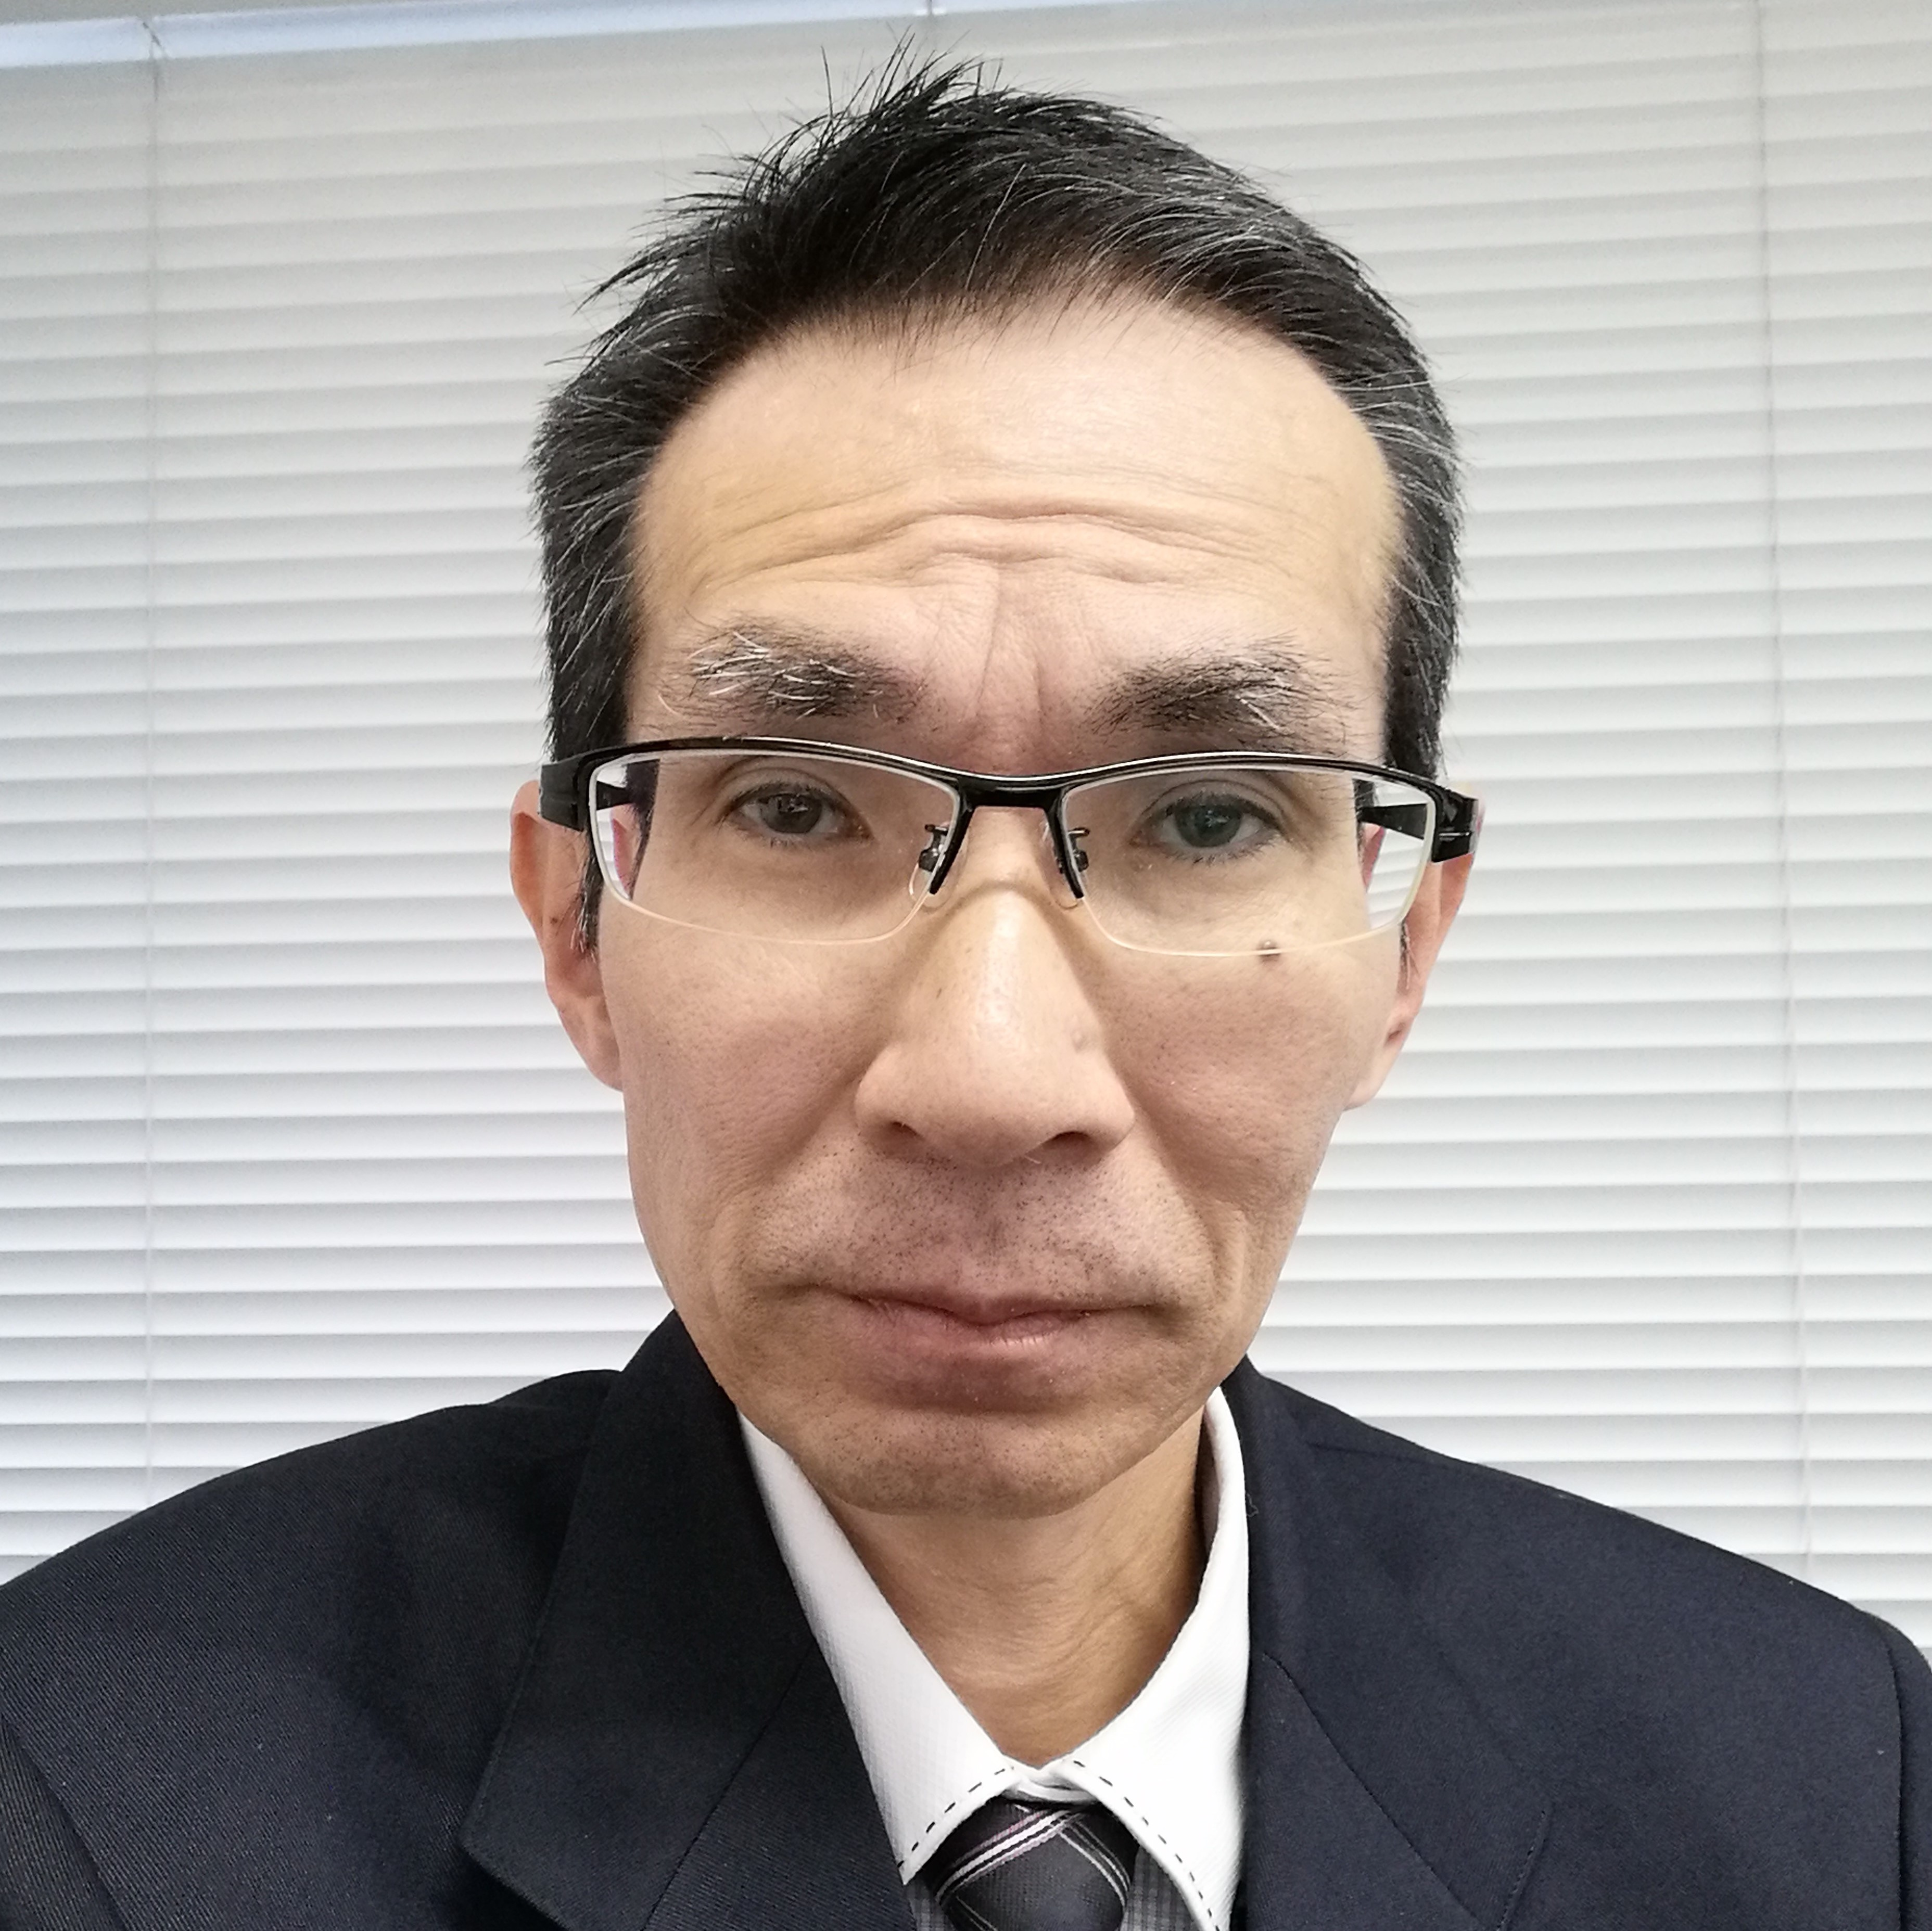 Takeshi Asou